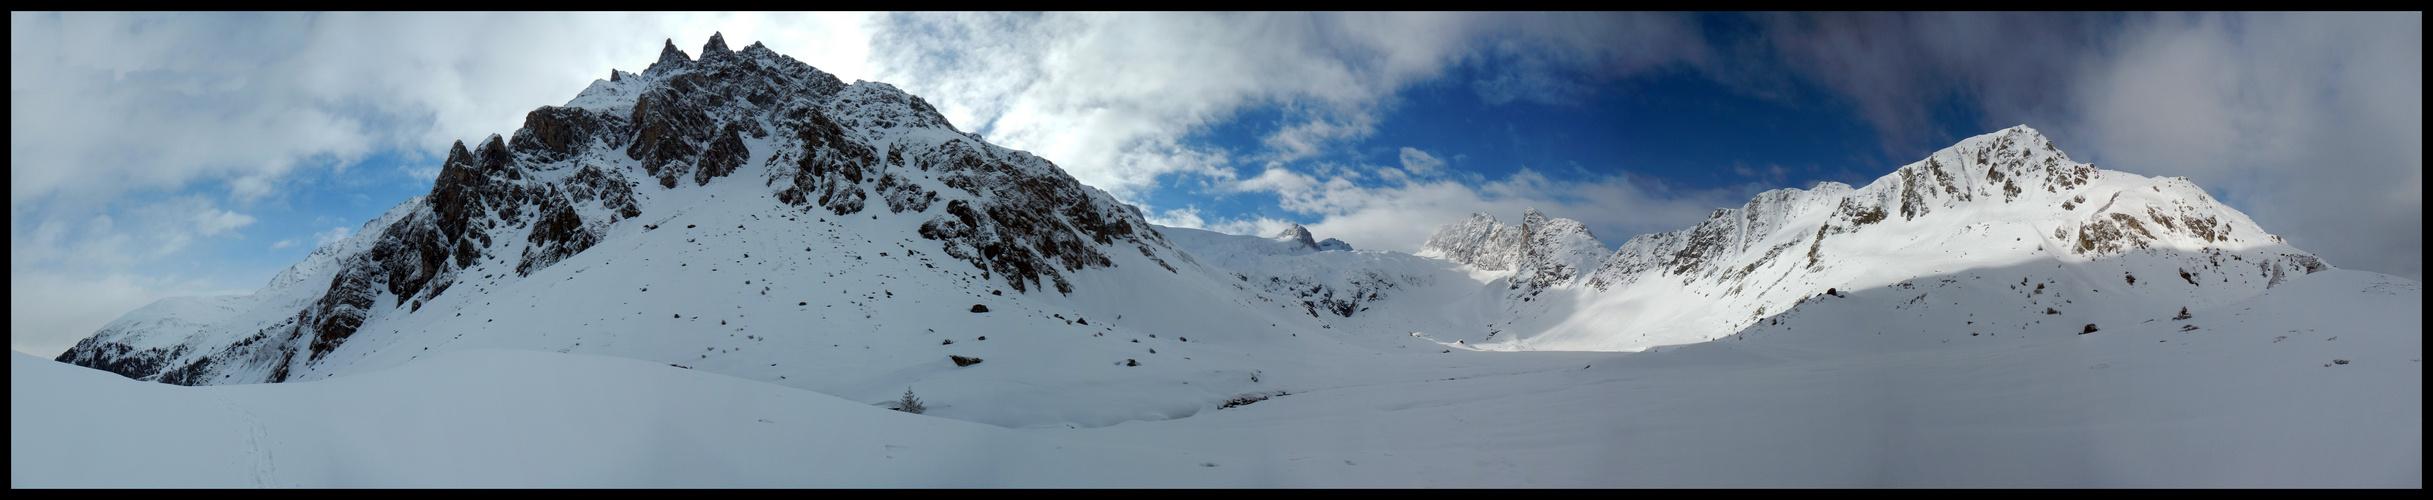 Alp Sura